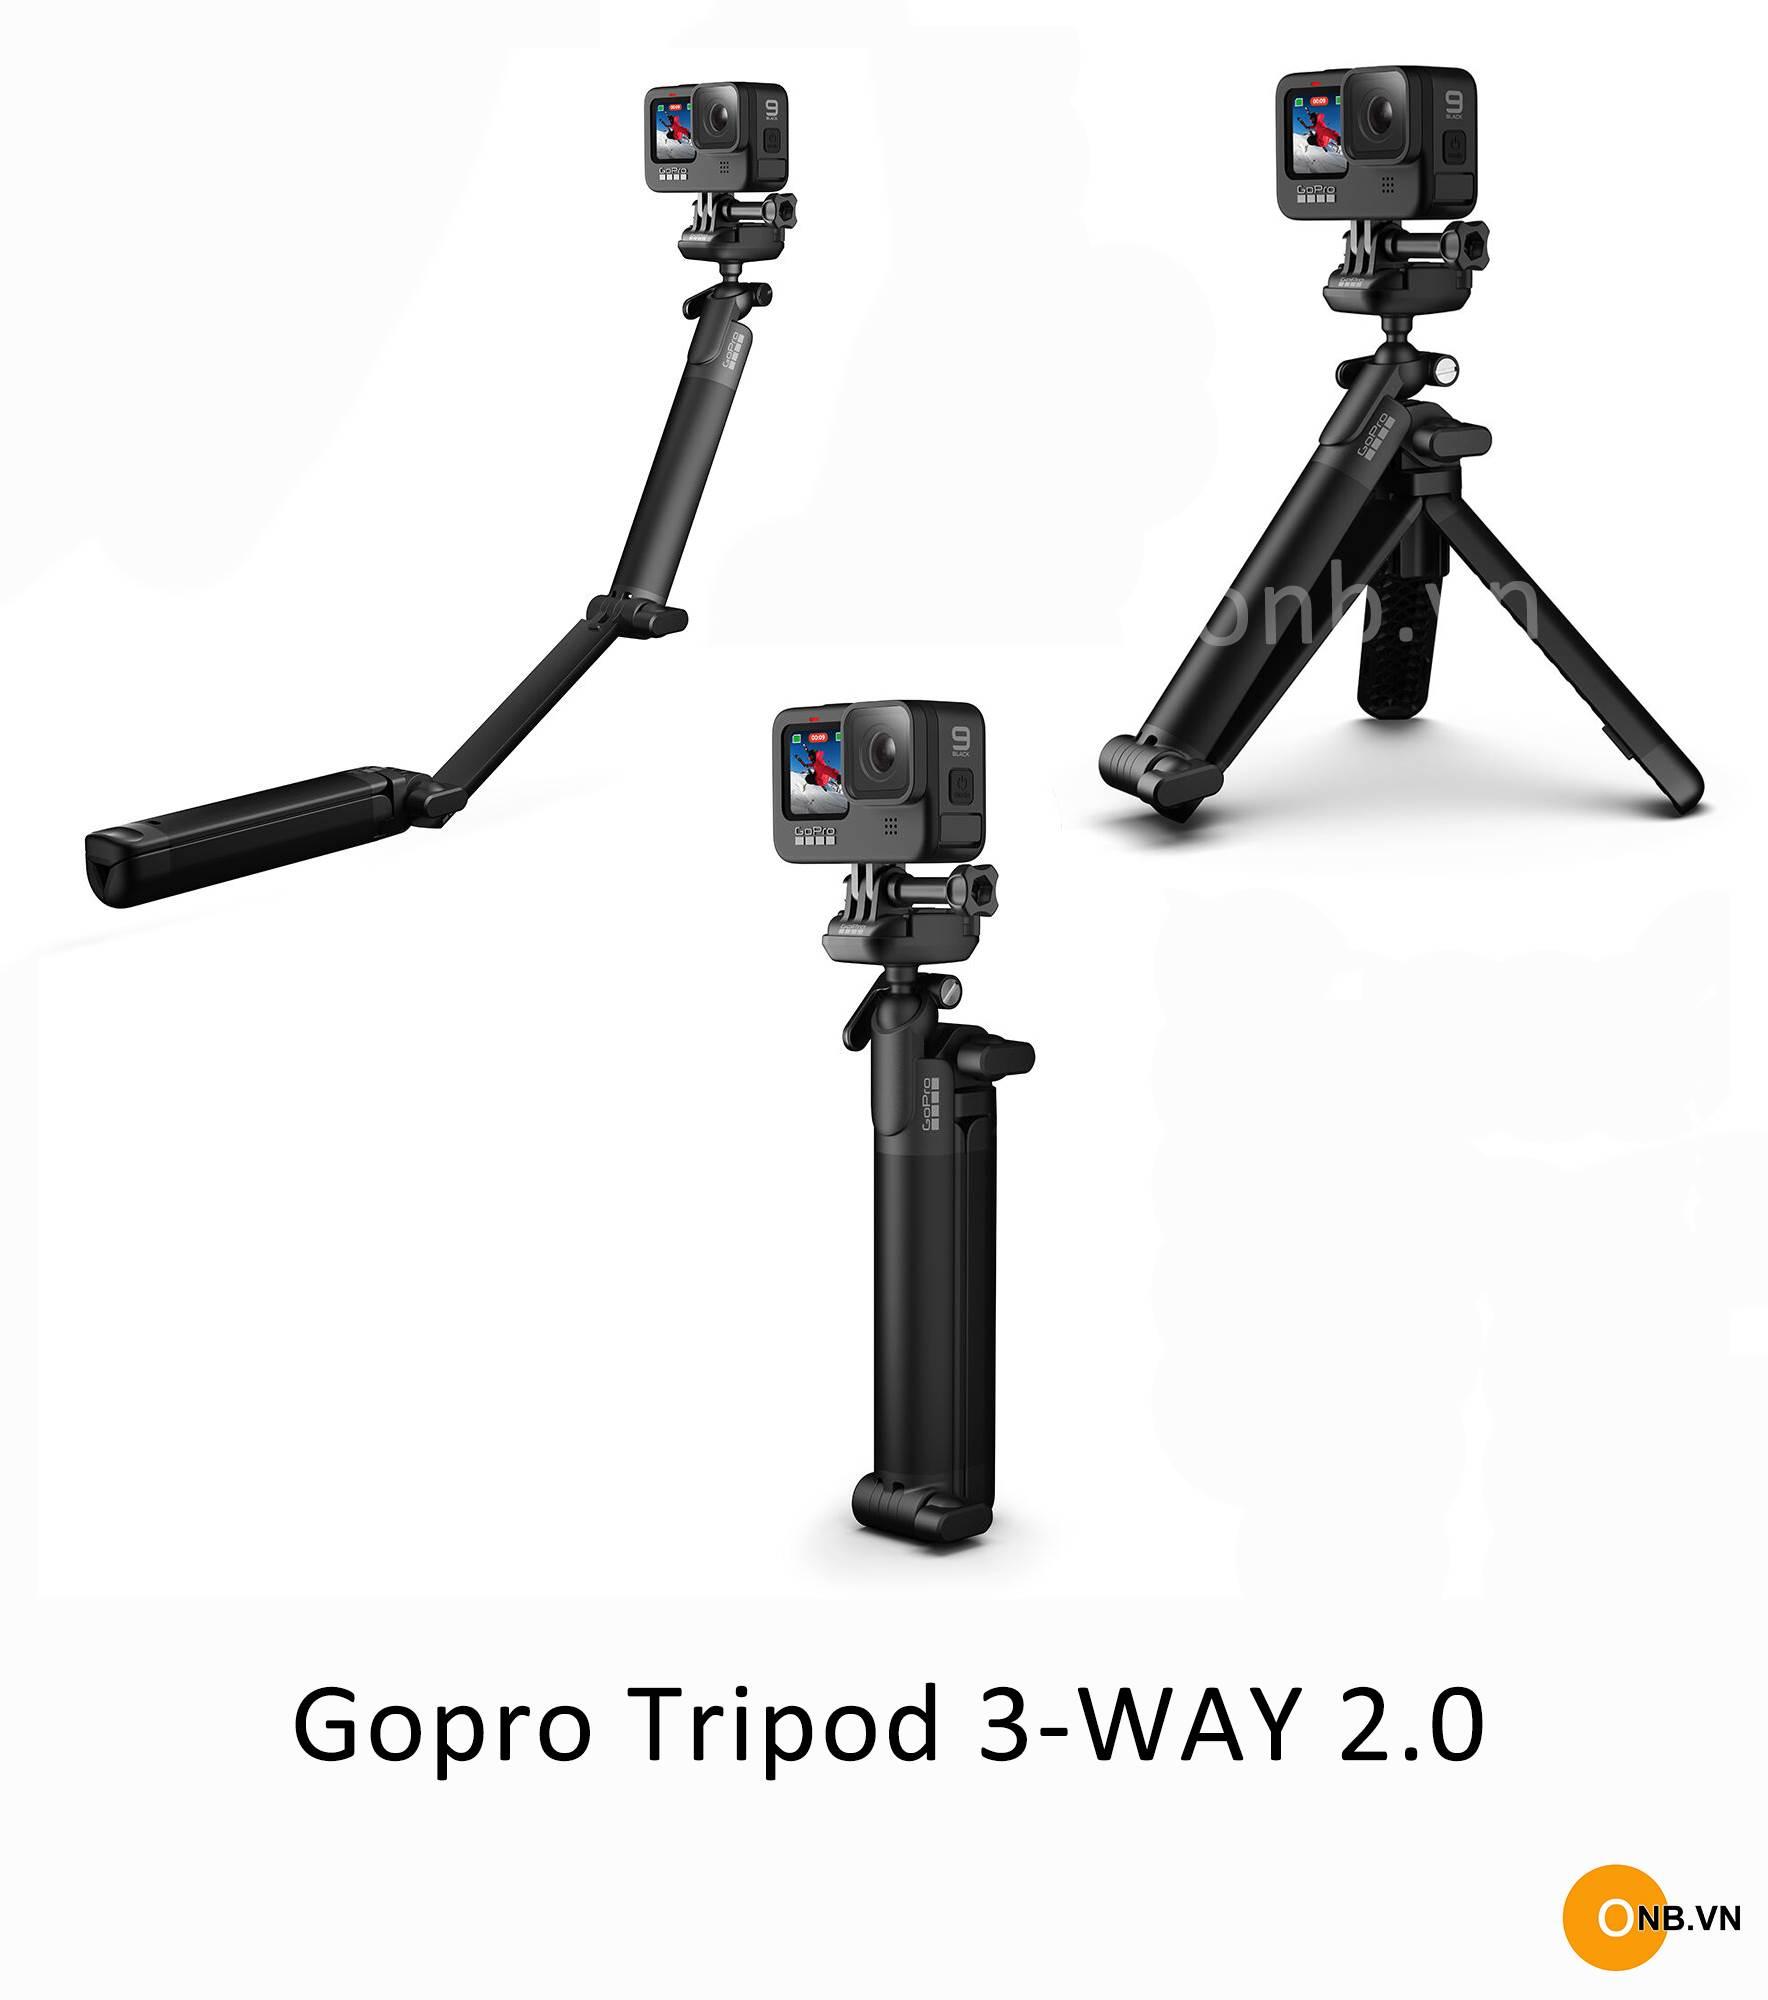 Gorpo 3-Way 2.0 - Tripod chính hãng Gopro mới 2021